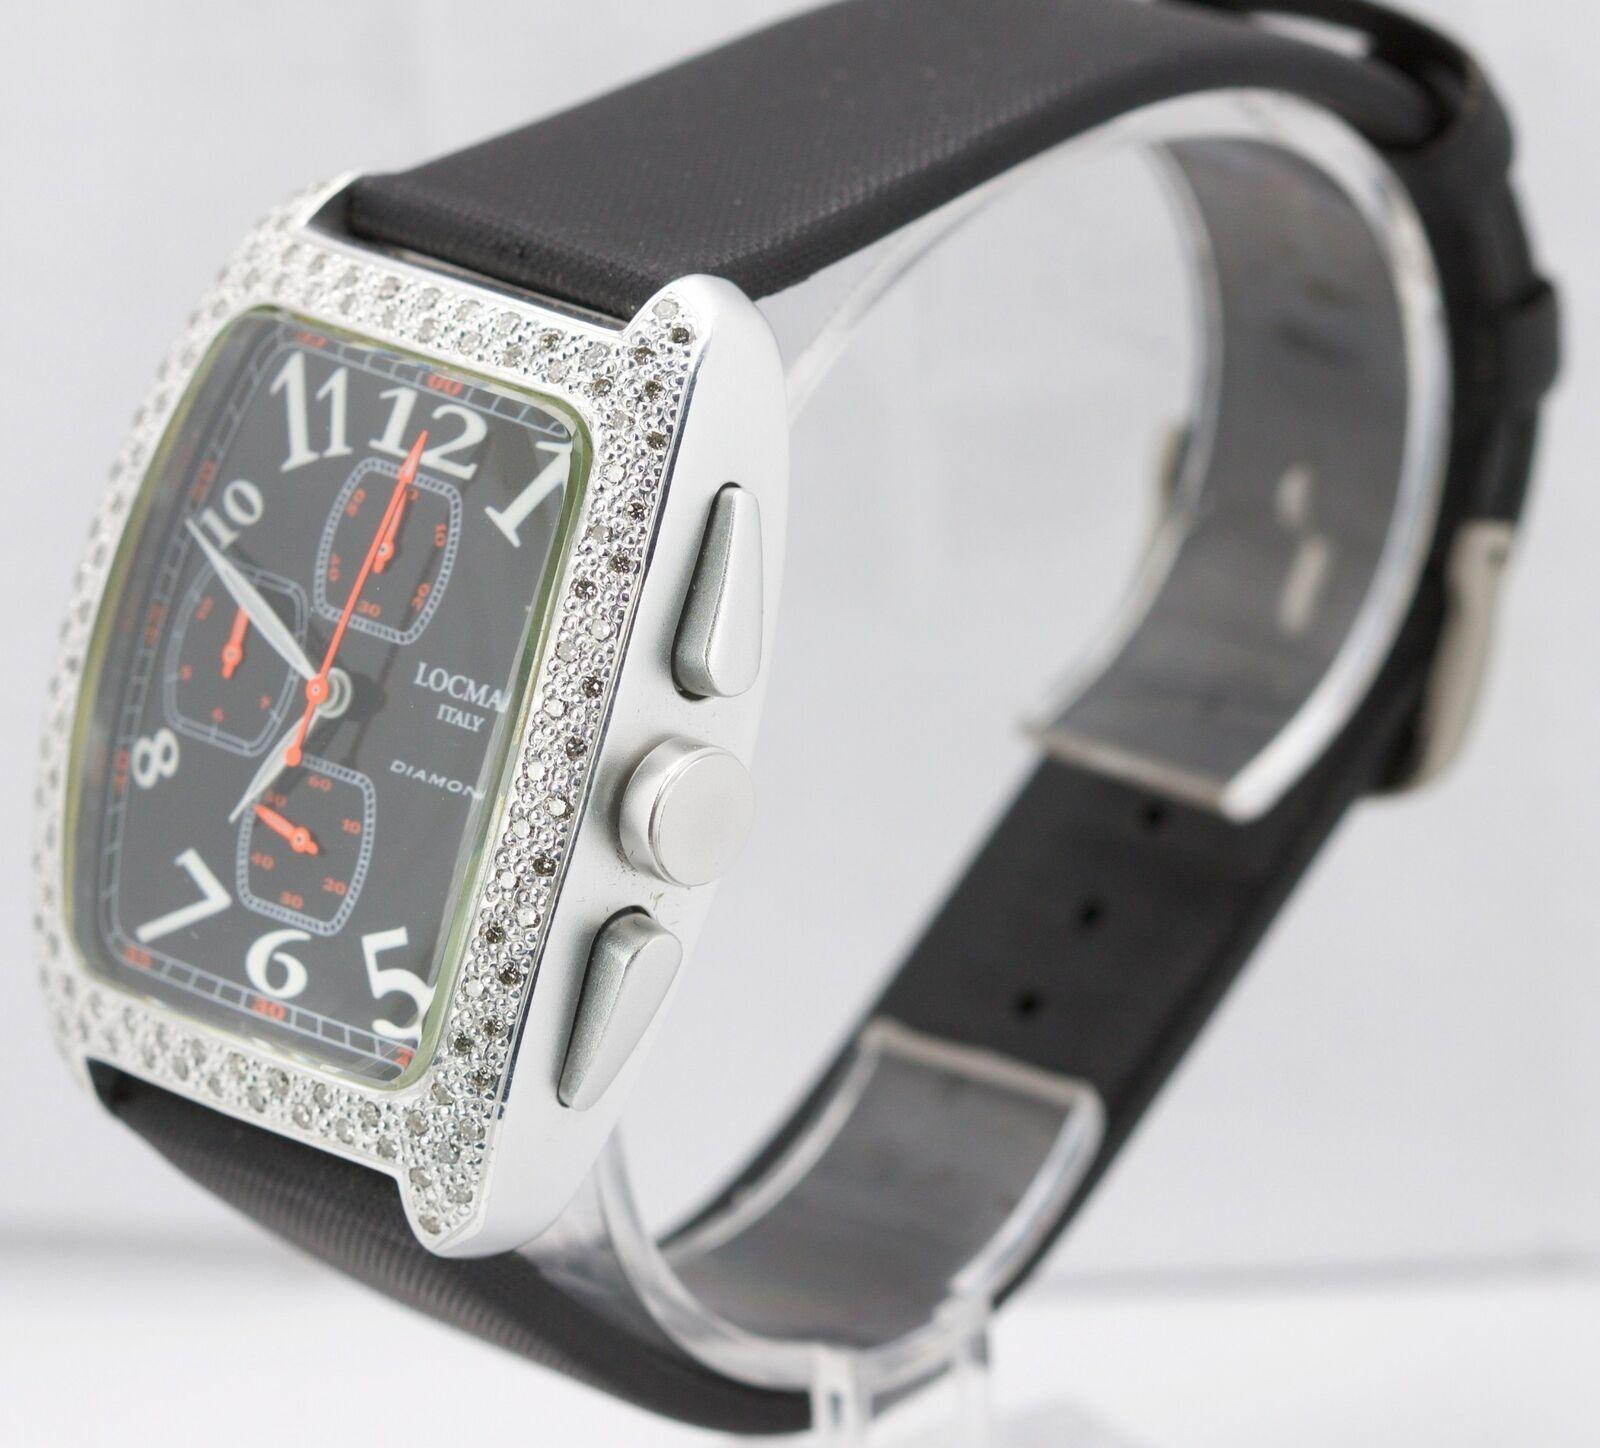 Locman ITALY Aluminum Tonneau Diamond Black Orange Quartz Date Watch REF.487 487